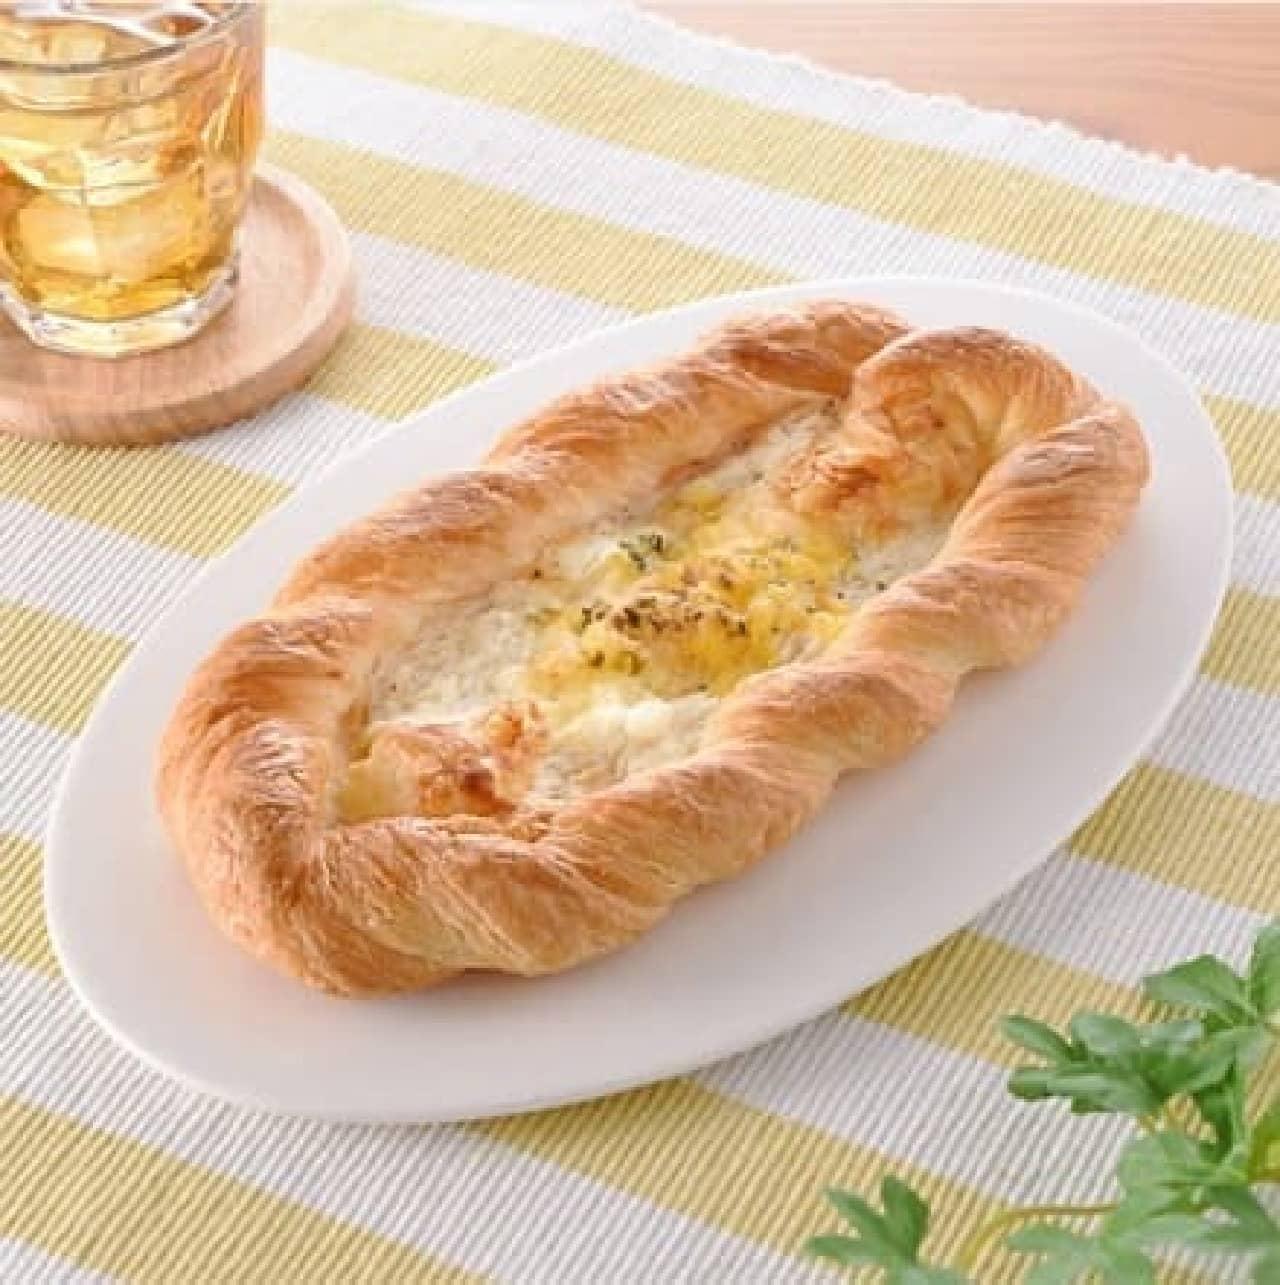 ファミリーマート「ポテトとチーズのデニッシュ」